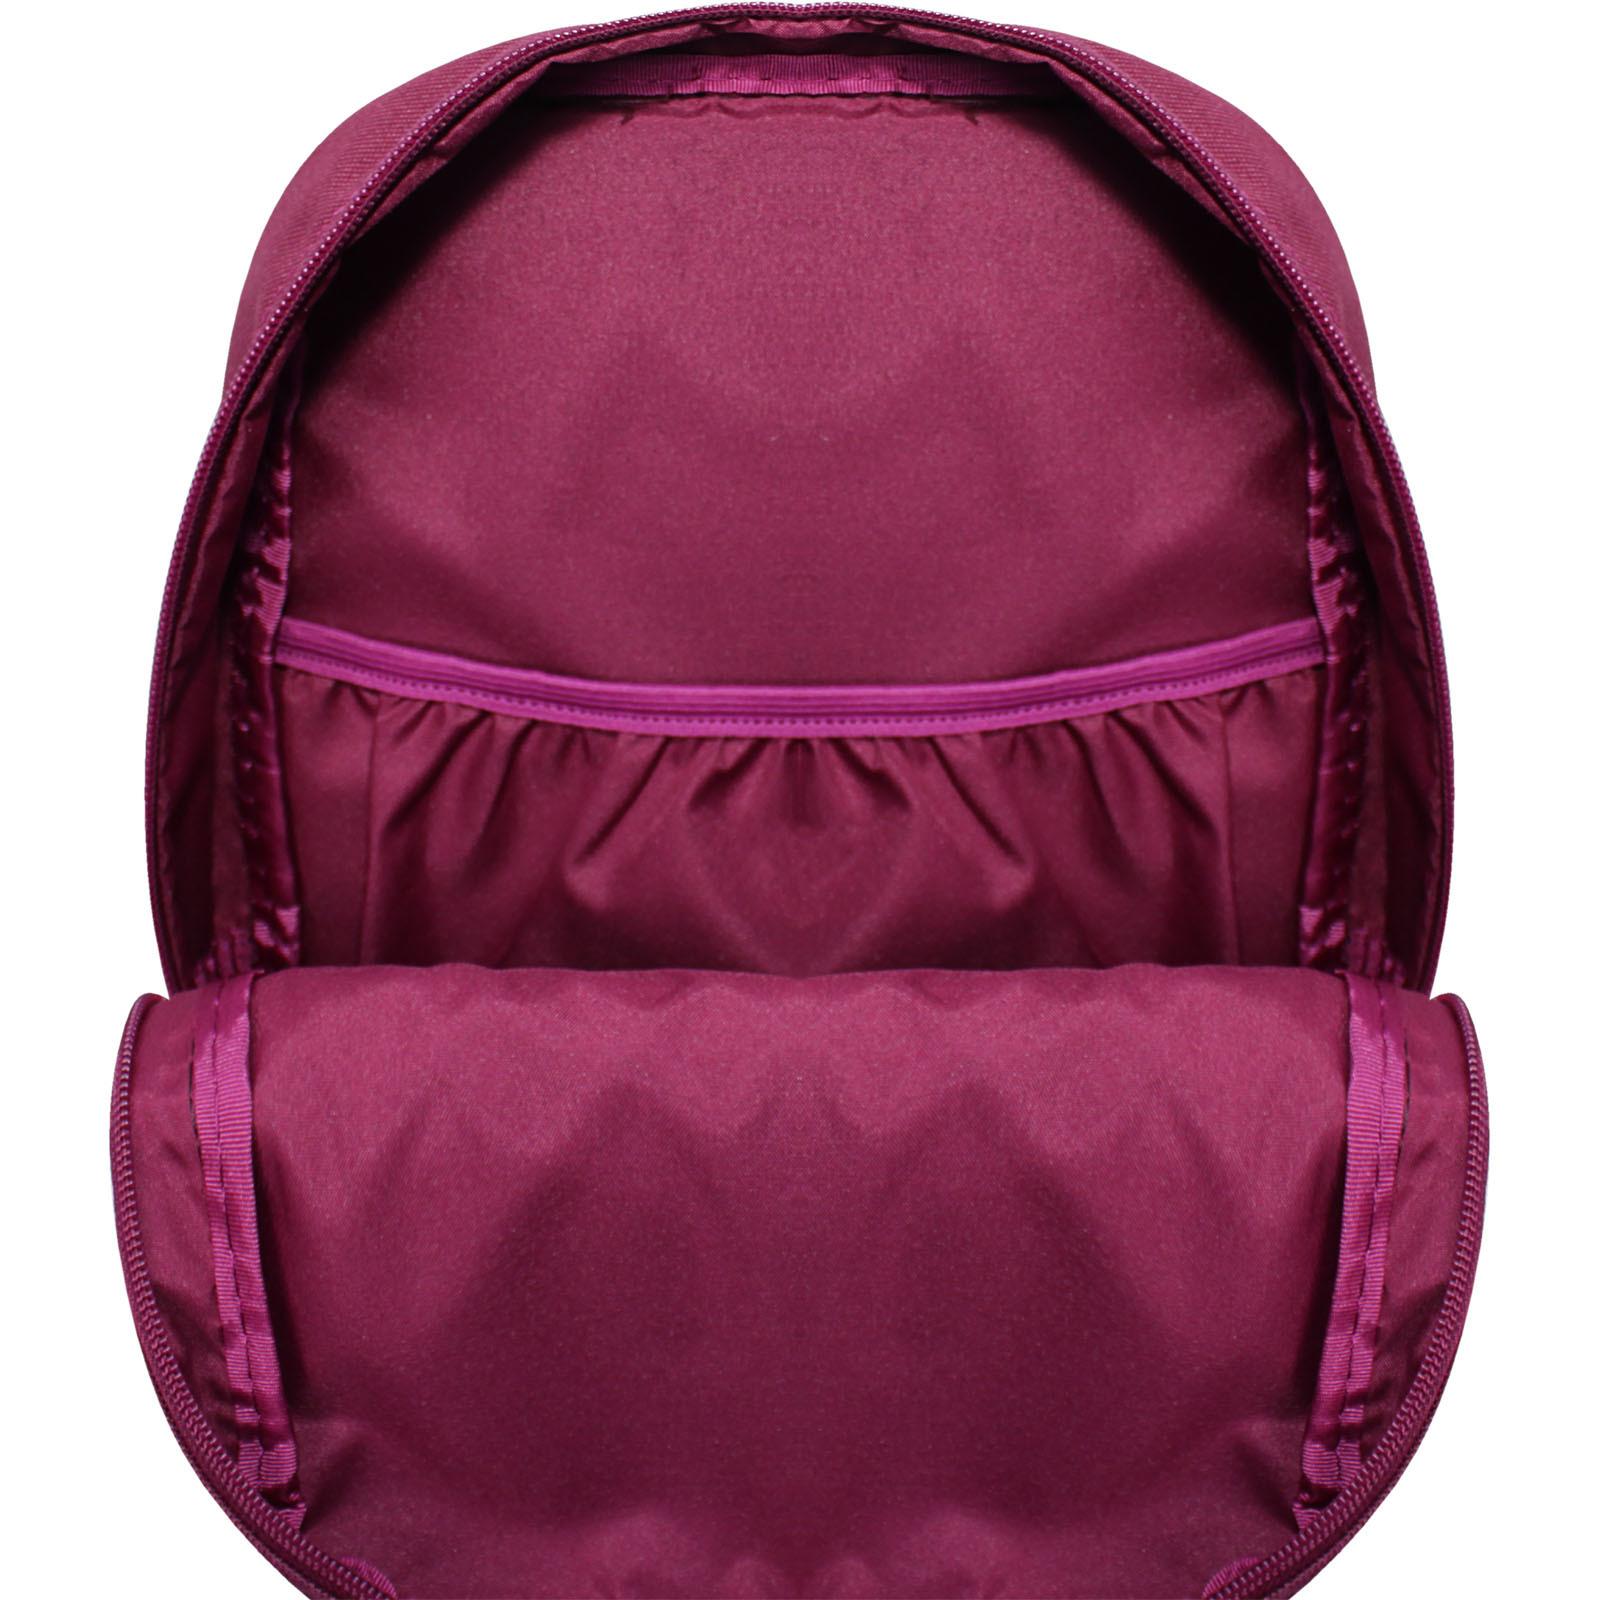 Рюкзак Bagland Молодежный mini 8 л. вишня (0050866)